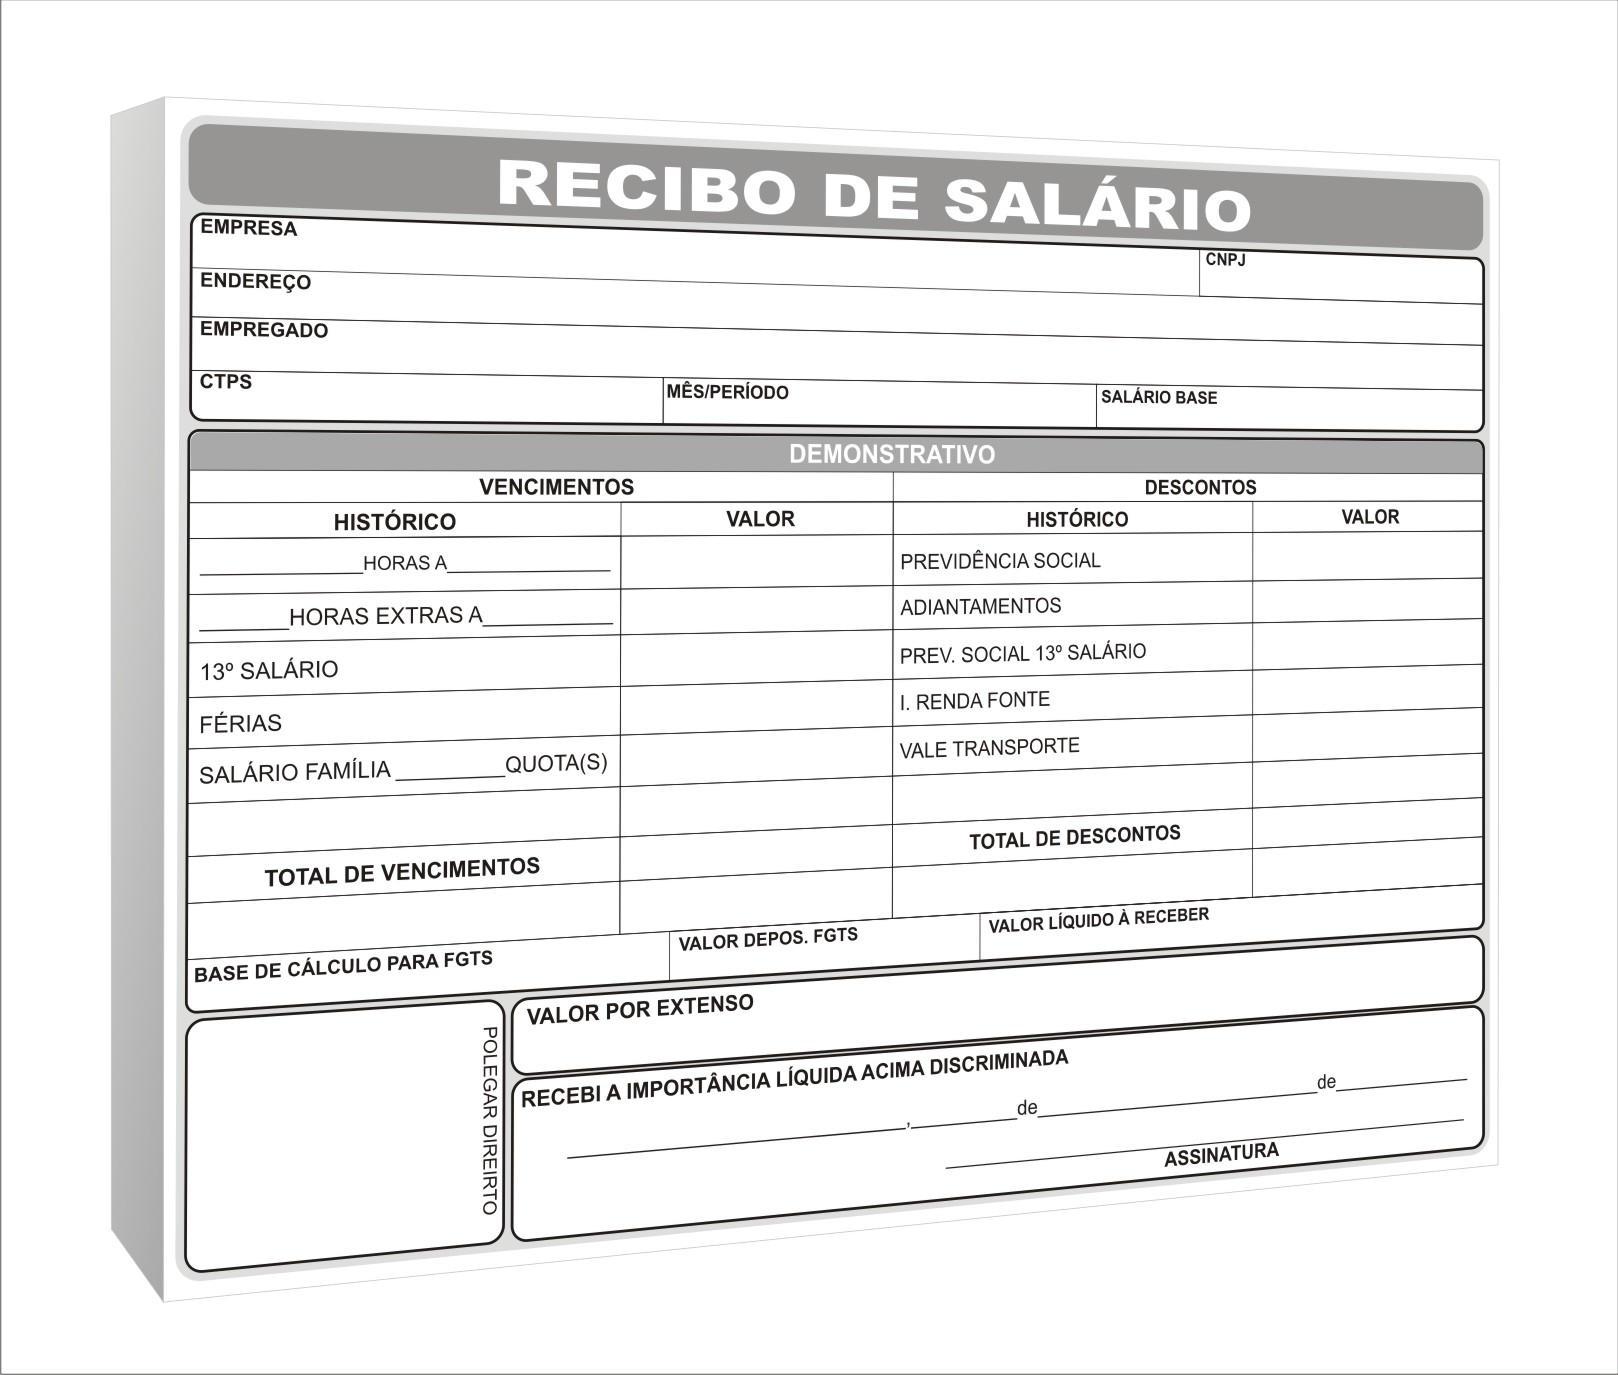 Recibo De Salario By Graficaebrindes On Deviantart